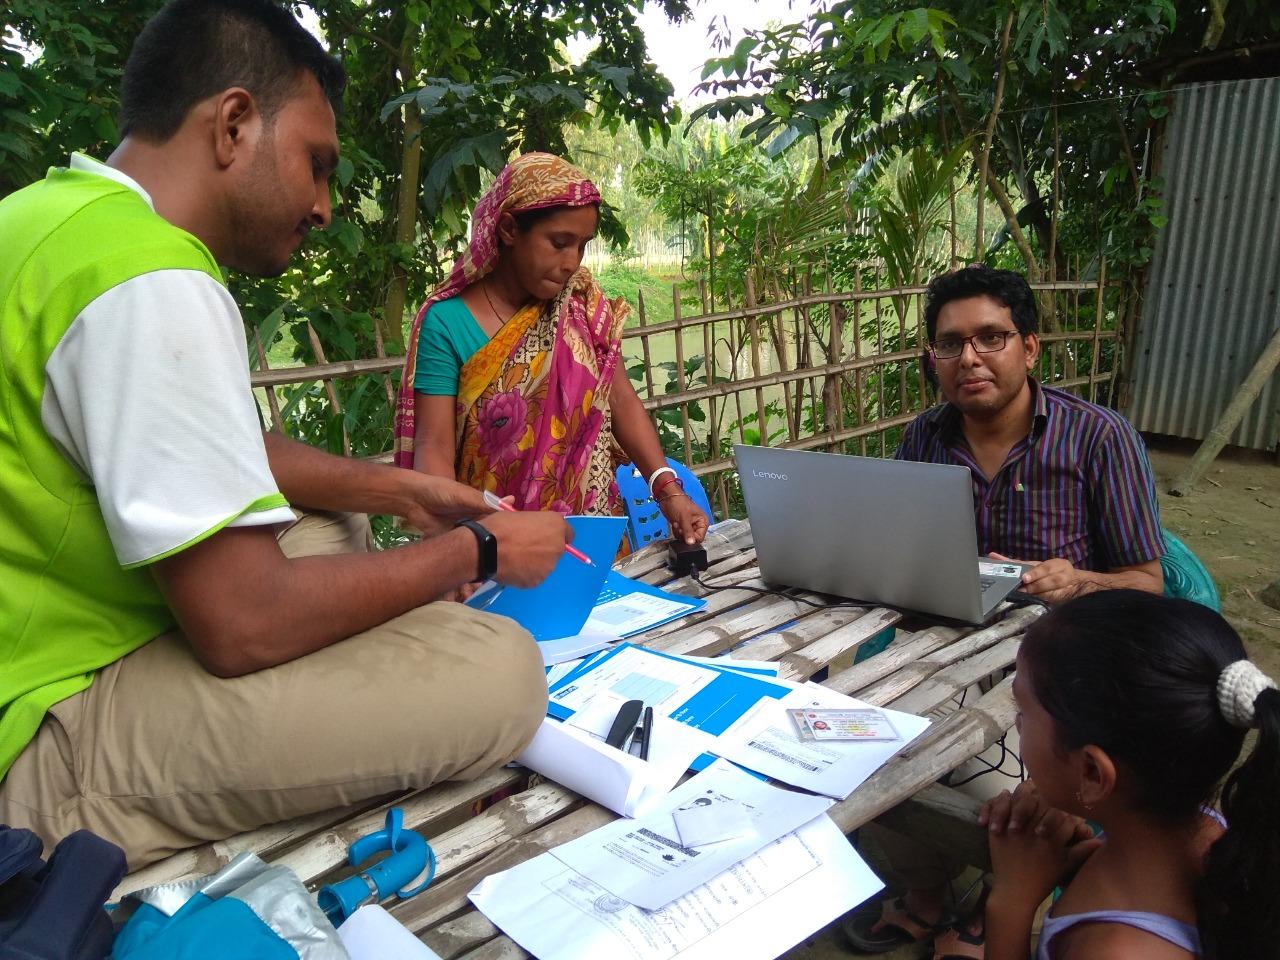 Opening Agent Bank Account at kotokgacha Chor, Phulchori, Gaibandha